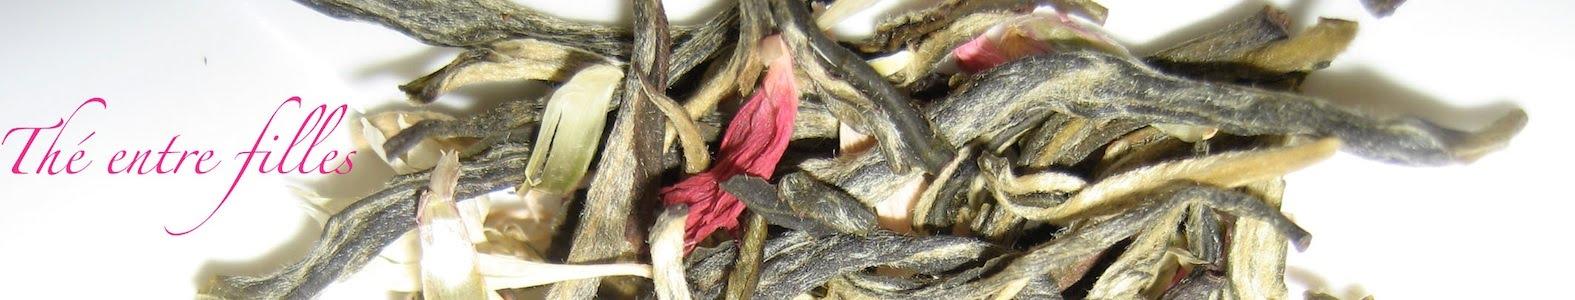 Blog sur le thé : Thé entre filles